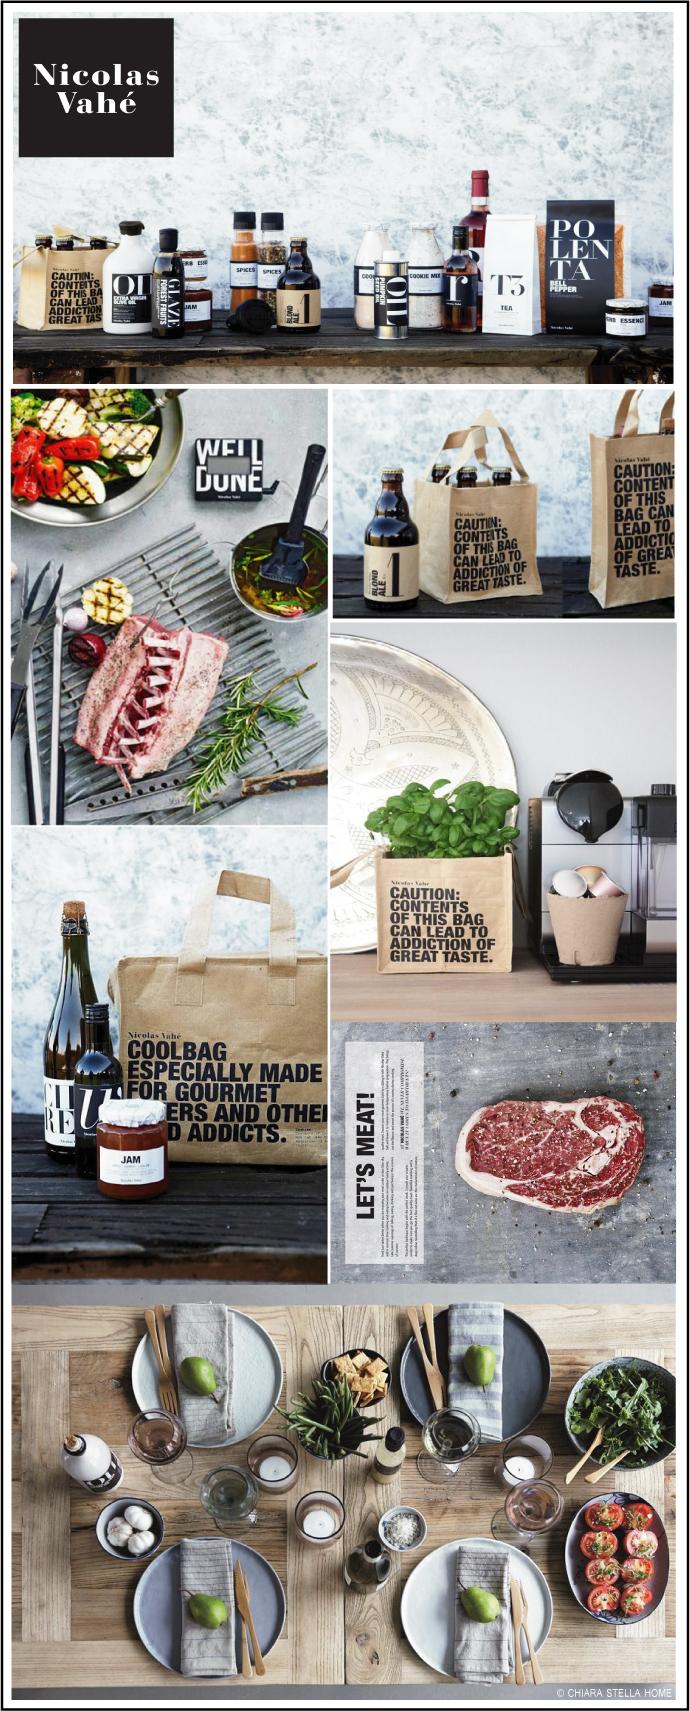 nicolas-vahe-accessoires de cuisine et barbecue pour gourmets chiara stella home